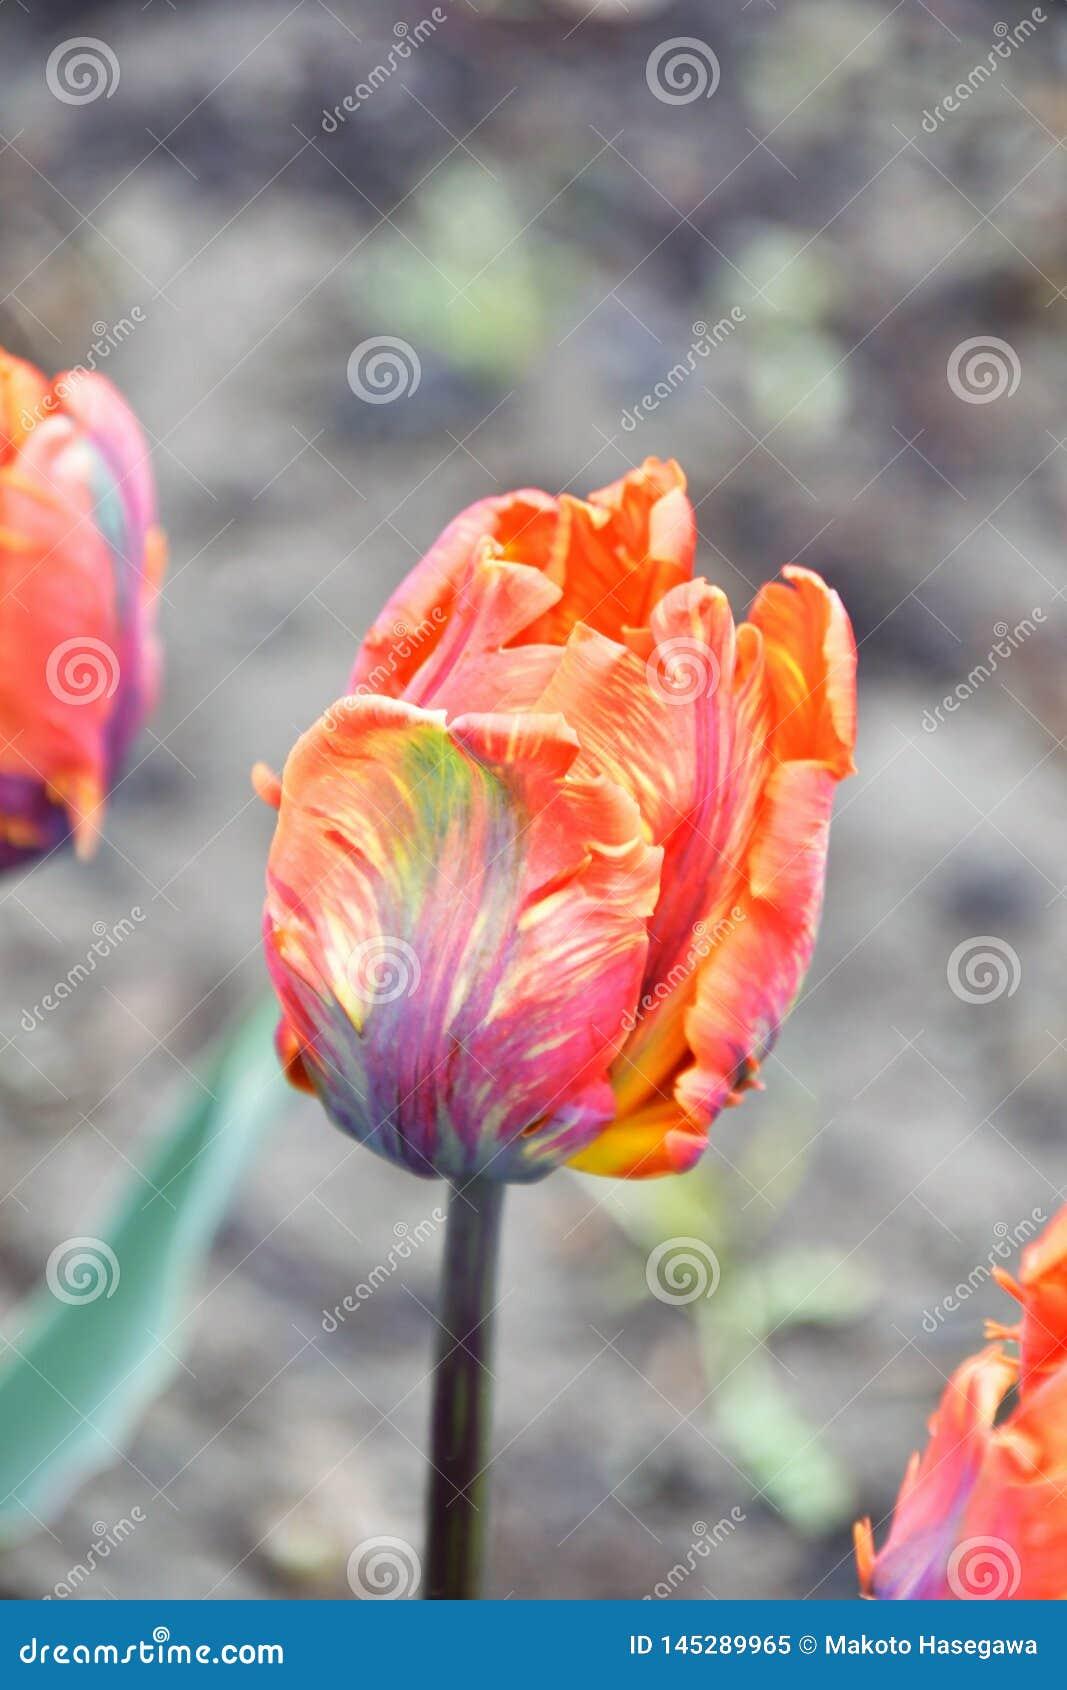 Irene Parrot Tulipa do papagaio Flor alaranjada com uma chama avermelhado-roxa com bordas enrugados